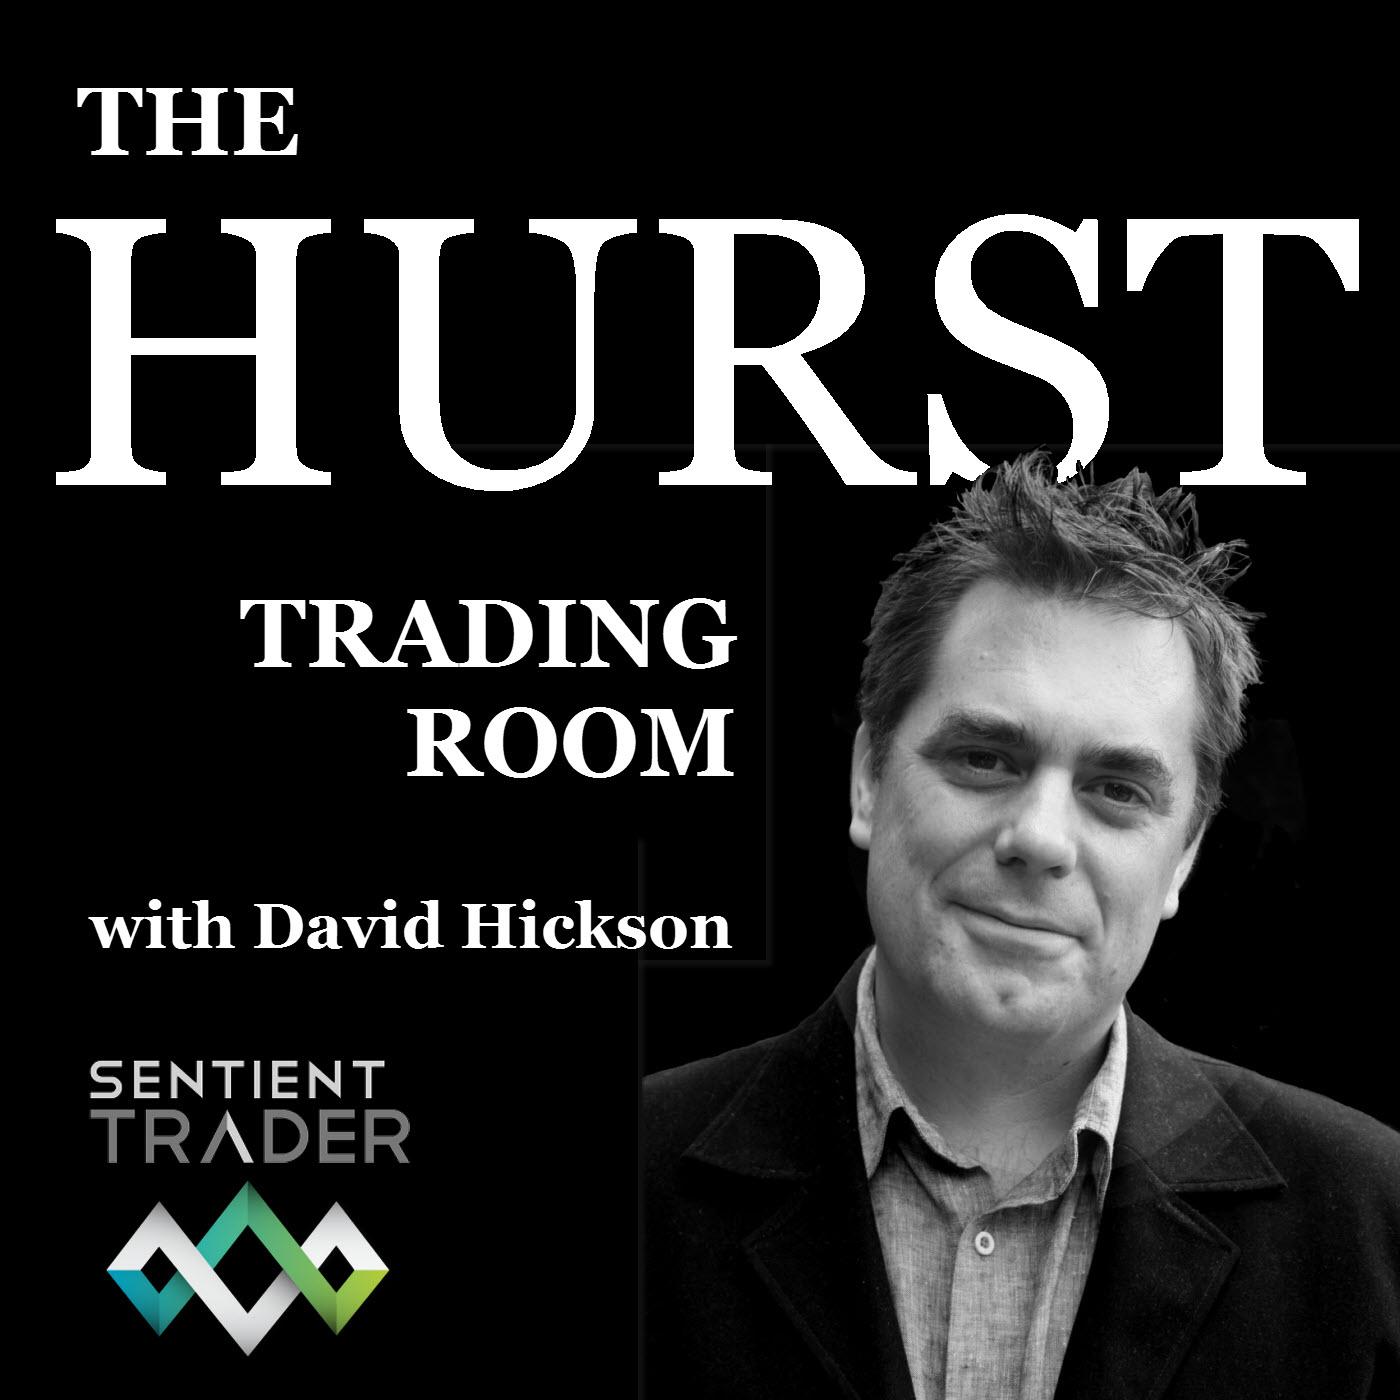 <![CDATA[Hurst Trading Room]]>